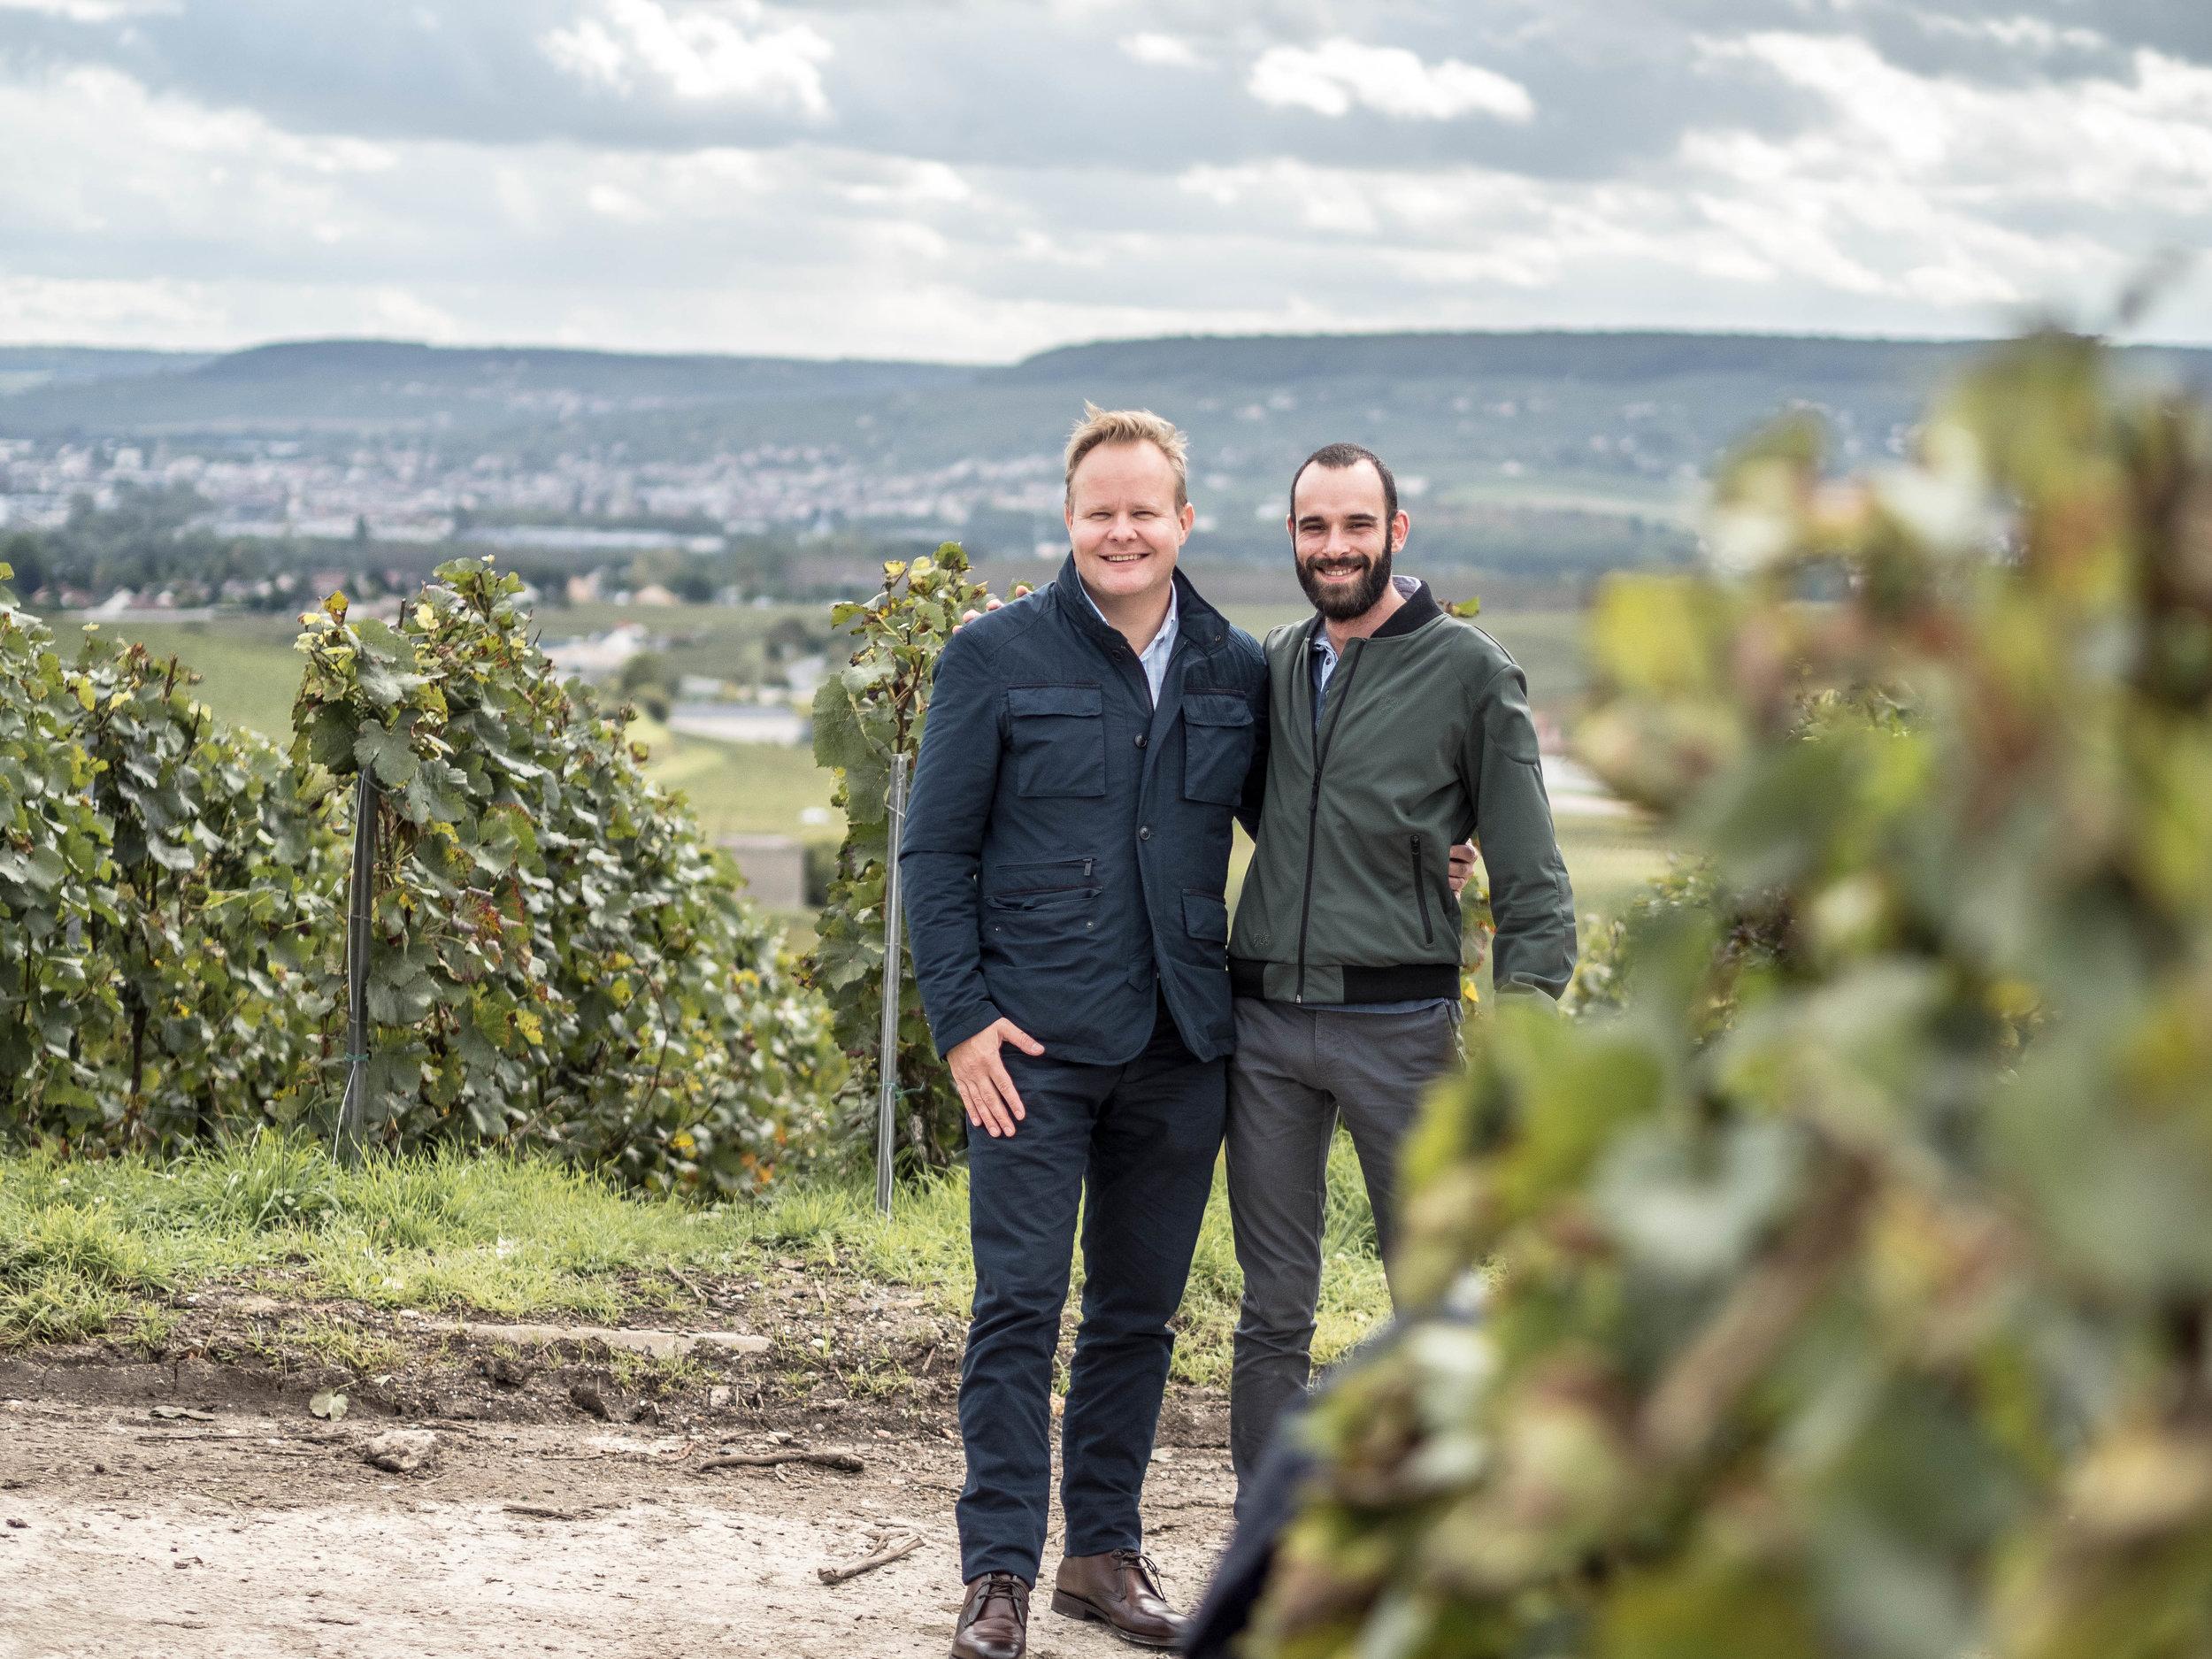 tHE TEAM  The collaborative team, Viinitie's Toni Immanen and the Autréau family's youngest winemaker Laurent Autréau.